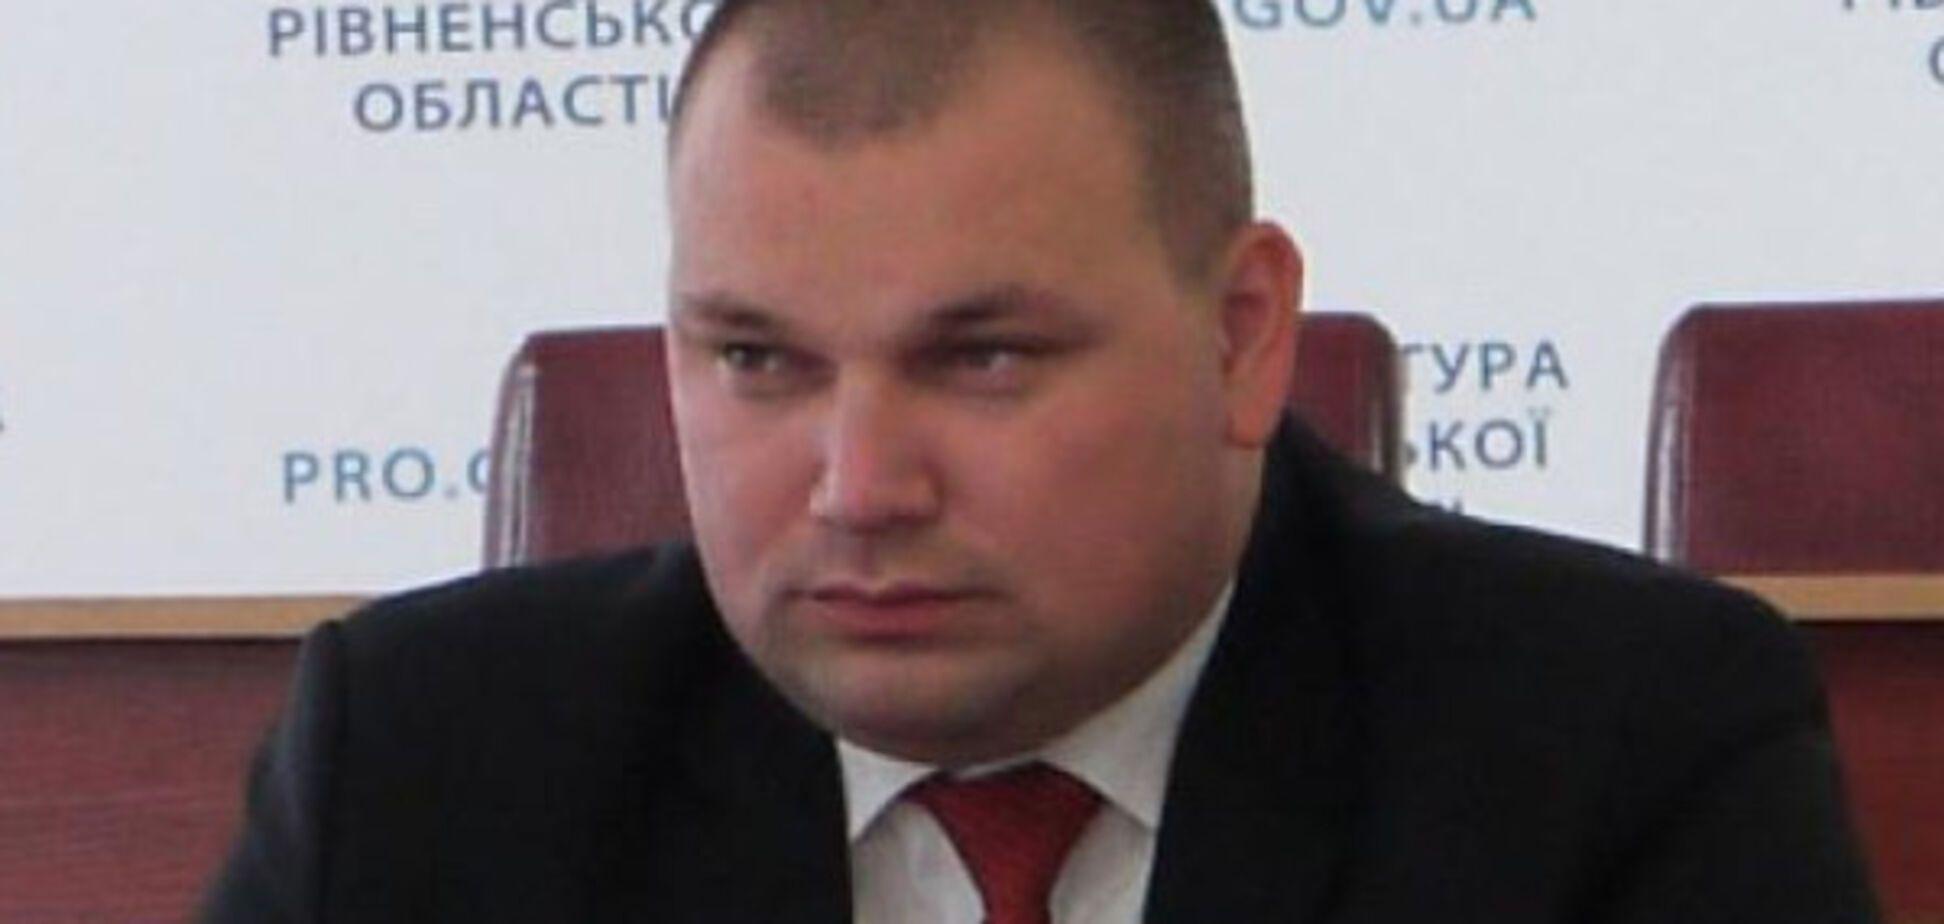 Воля за миллион: скандальный прокурор-организатор янтарной мафии вышел на свободу